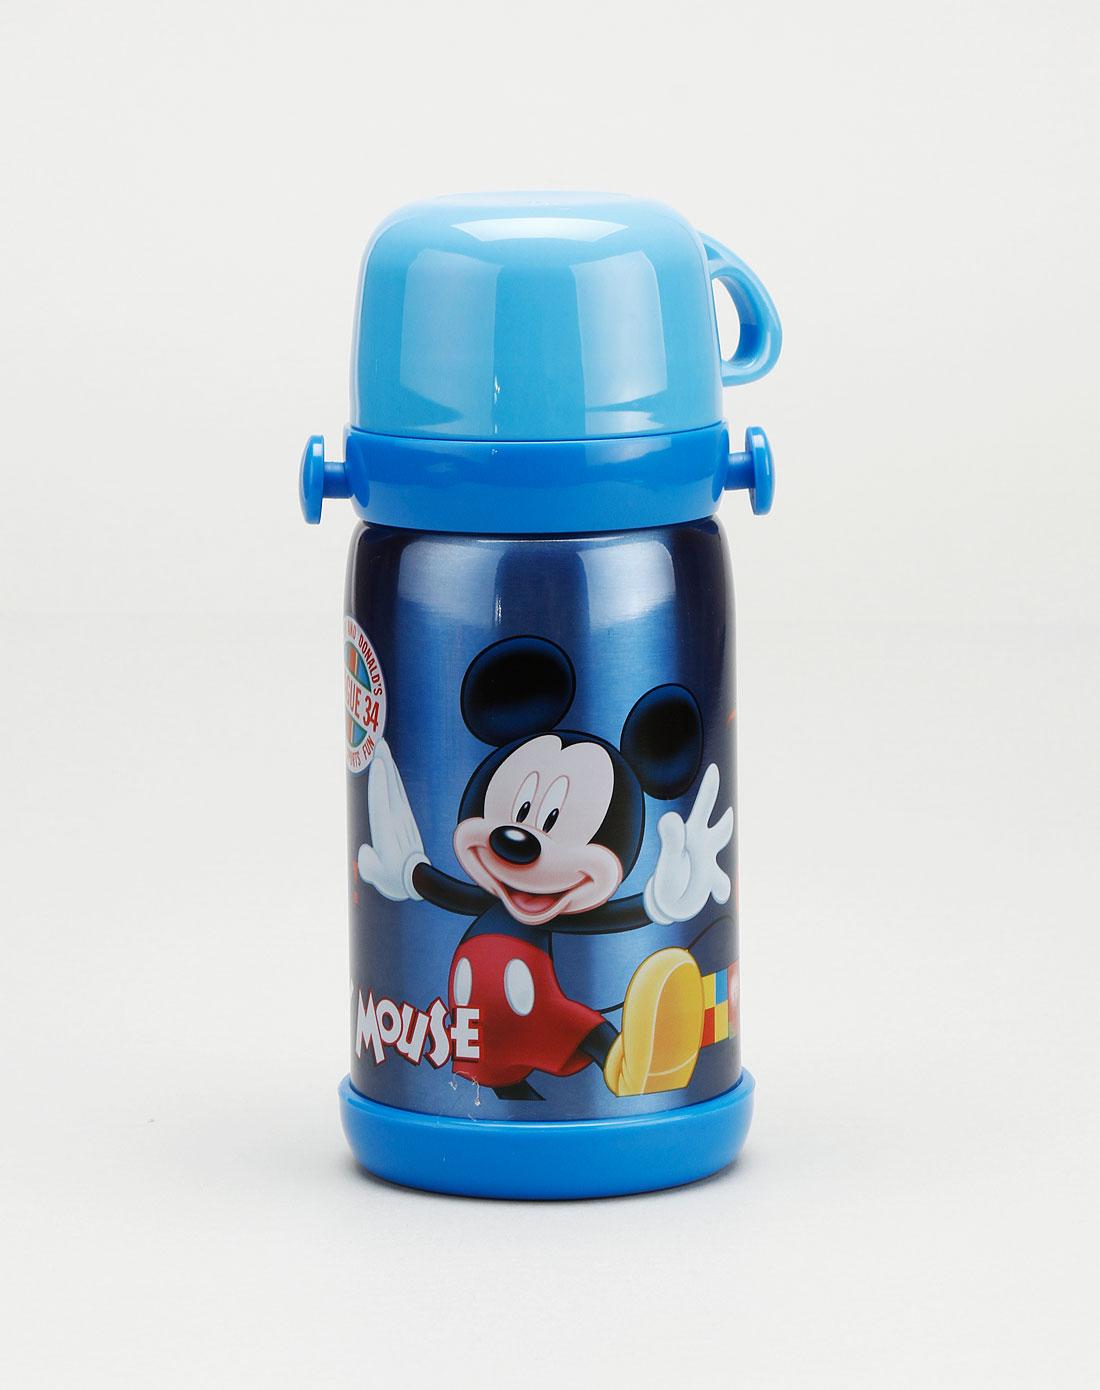 迪士尼disney儿童用品专场中性蓝色米奇保温保冷水壶